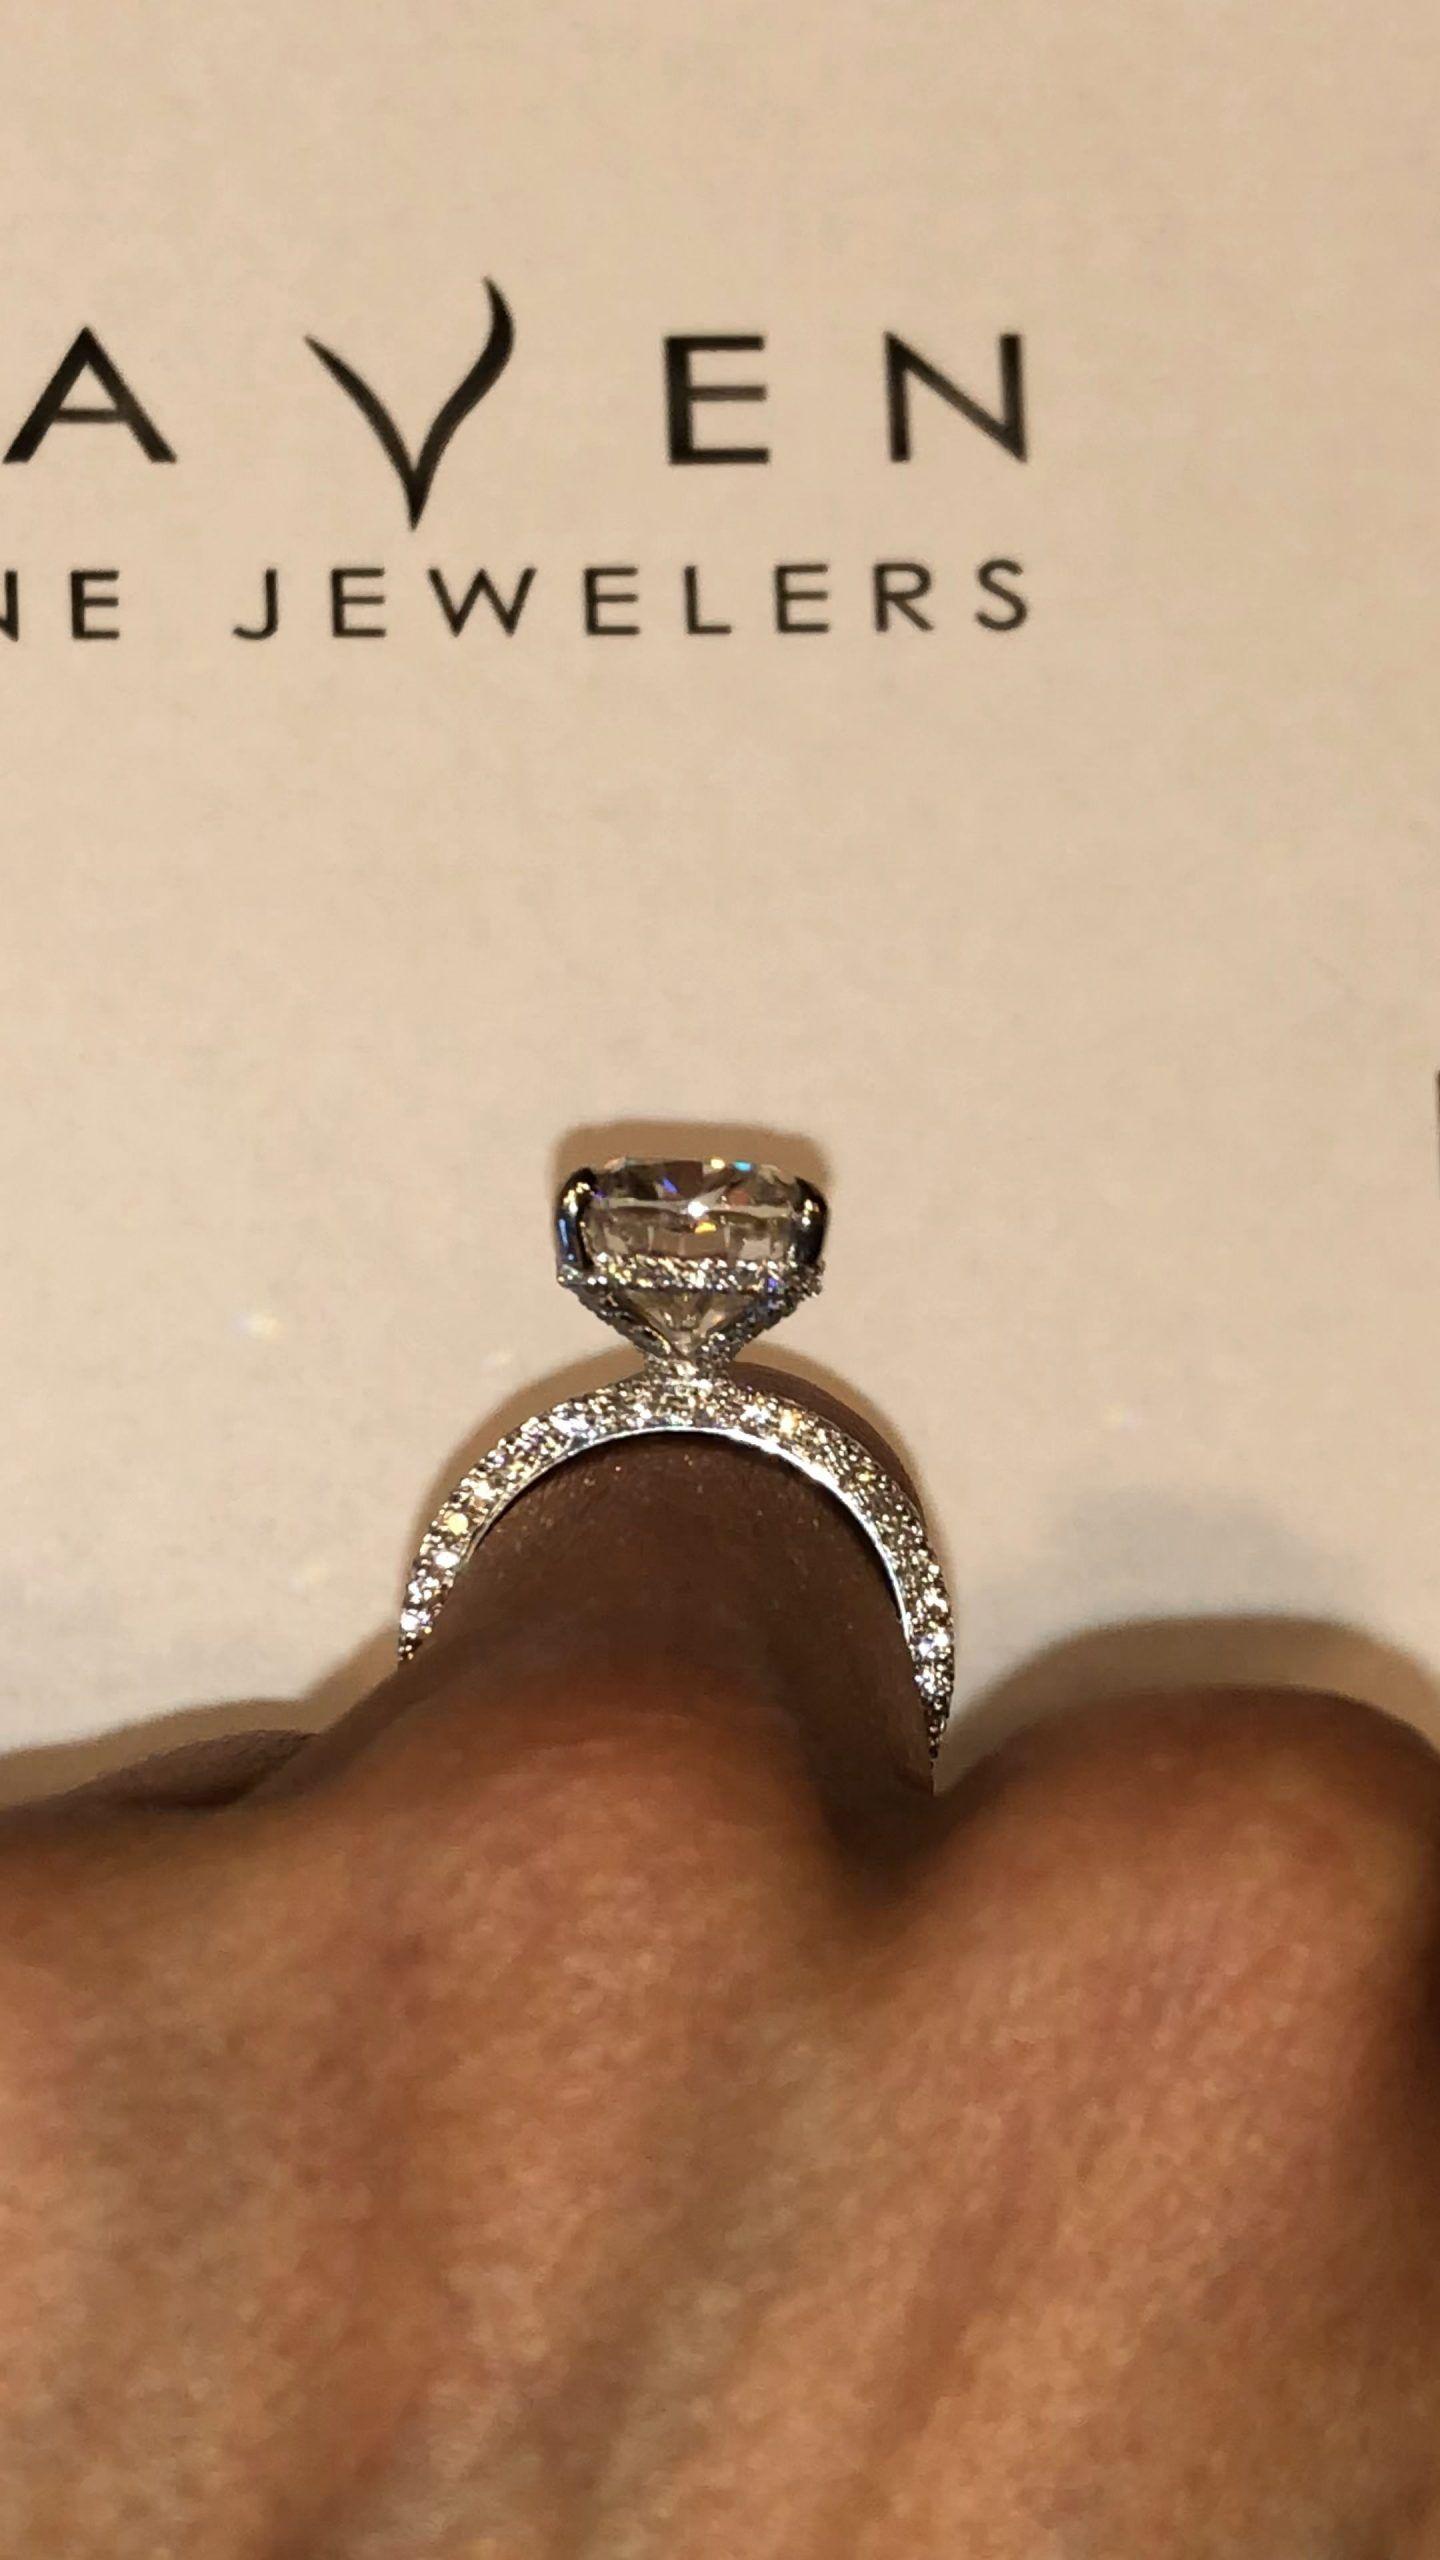 6 Karat Langliches Kissen Diamant Versteckt Halo Thre Luxury